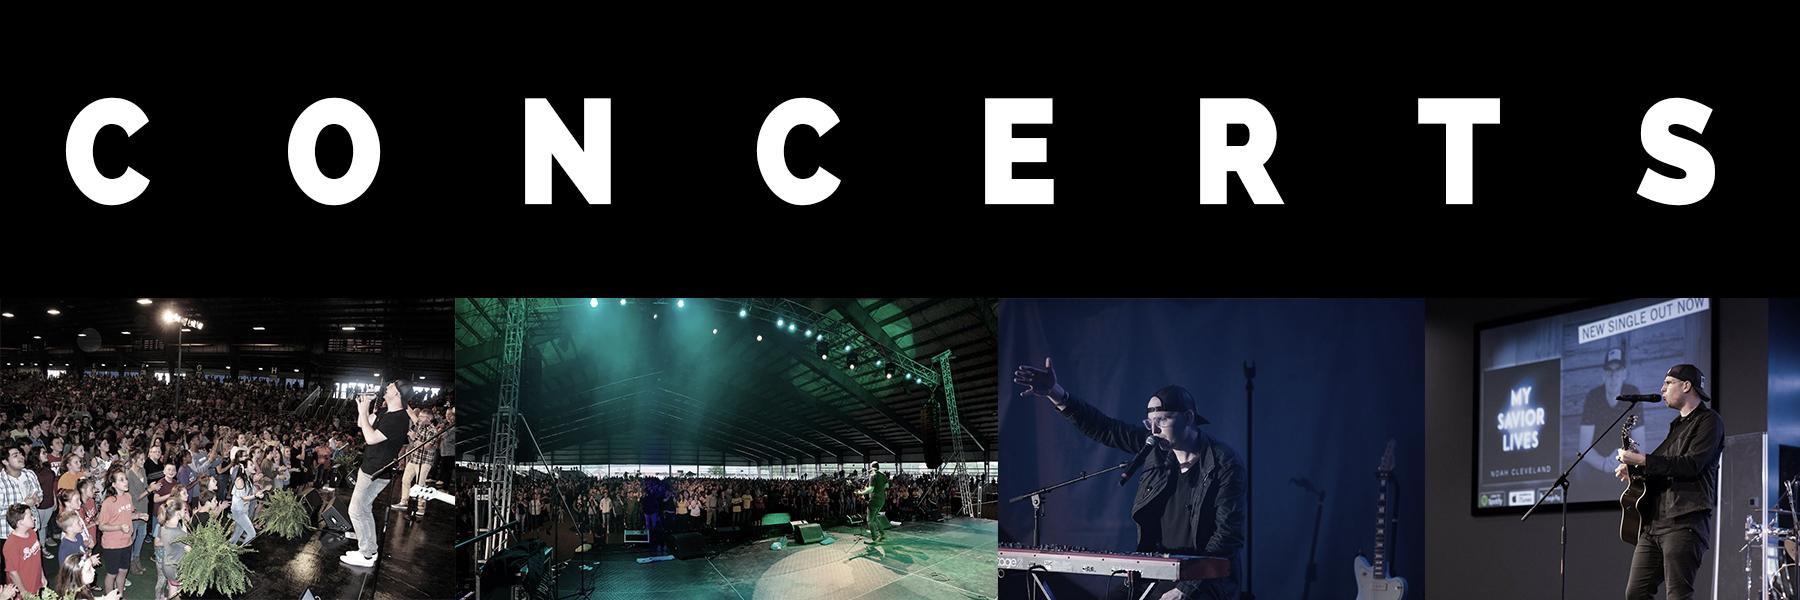 Concerts Banner.jpg